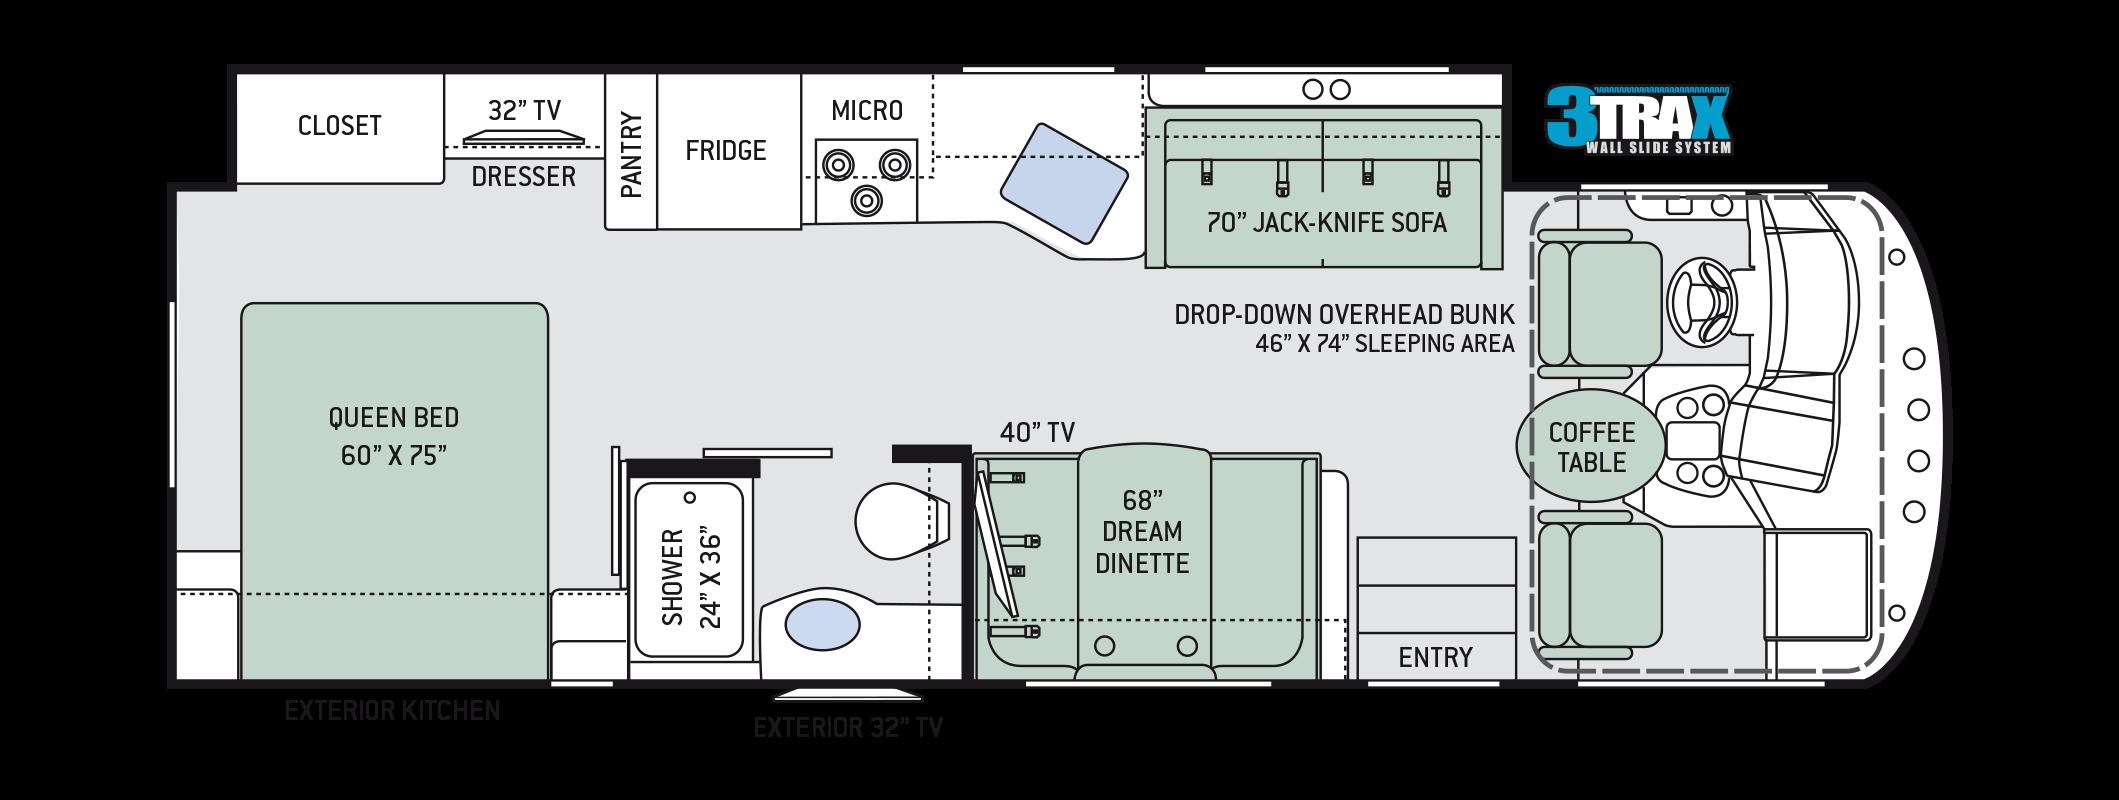 floor plans a c e 29 3 rh thormotorcoach com Thor Ace 30.2 Wiring-Diagram Thor Ace 30.2 Wiring-Diagram